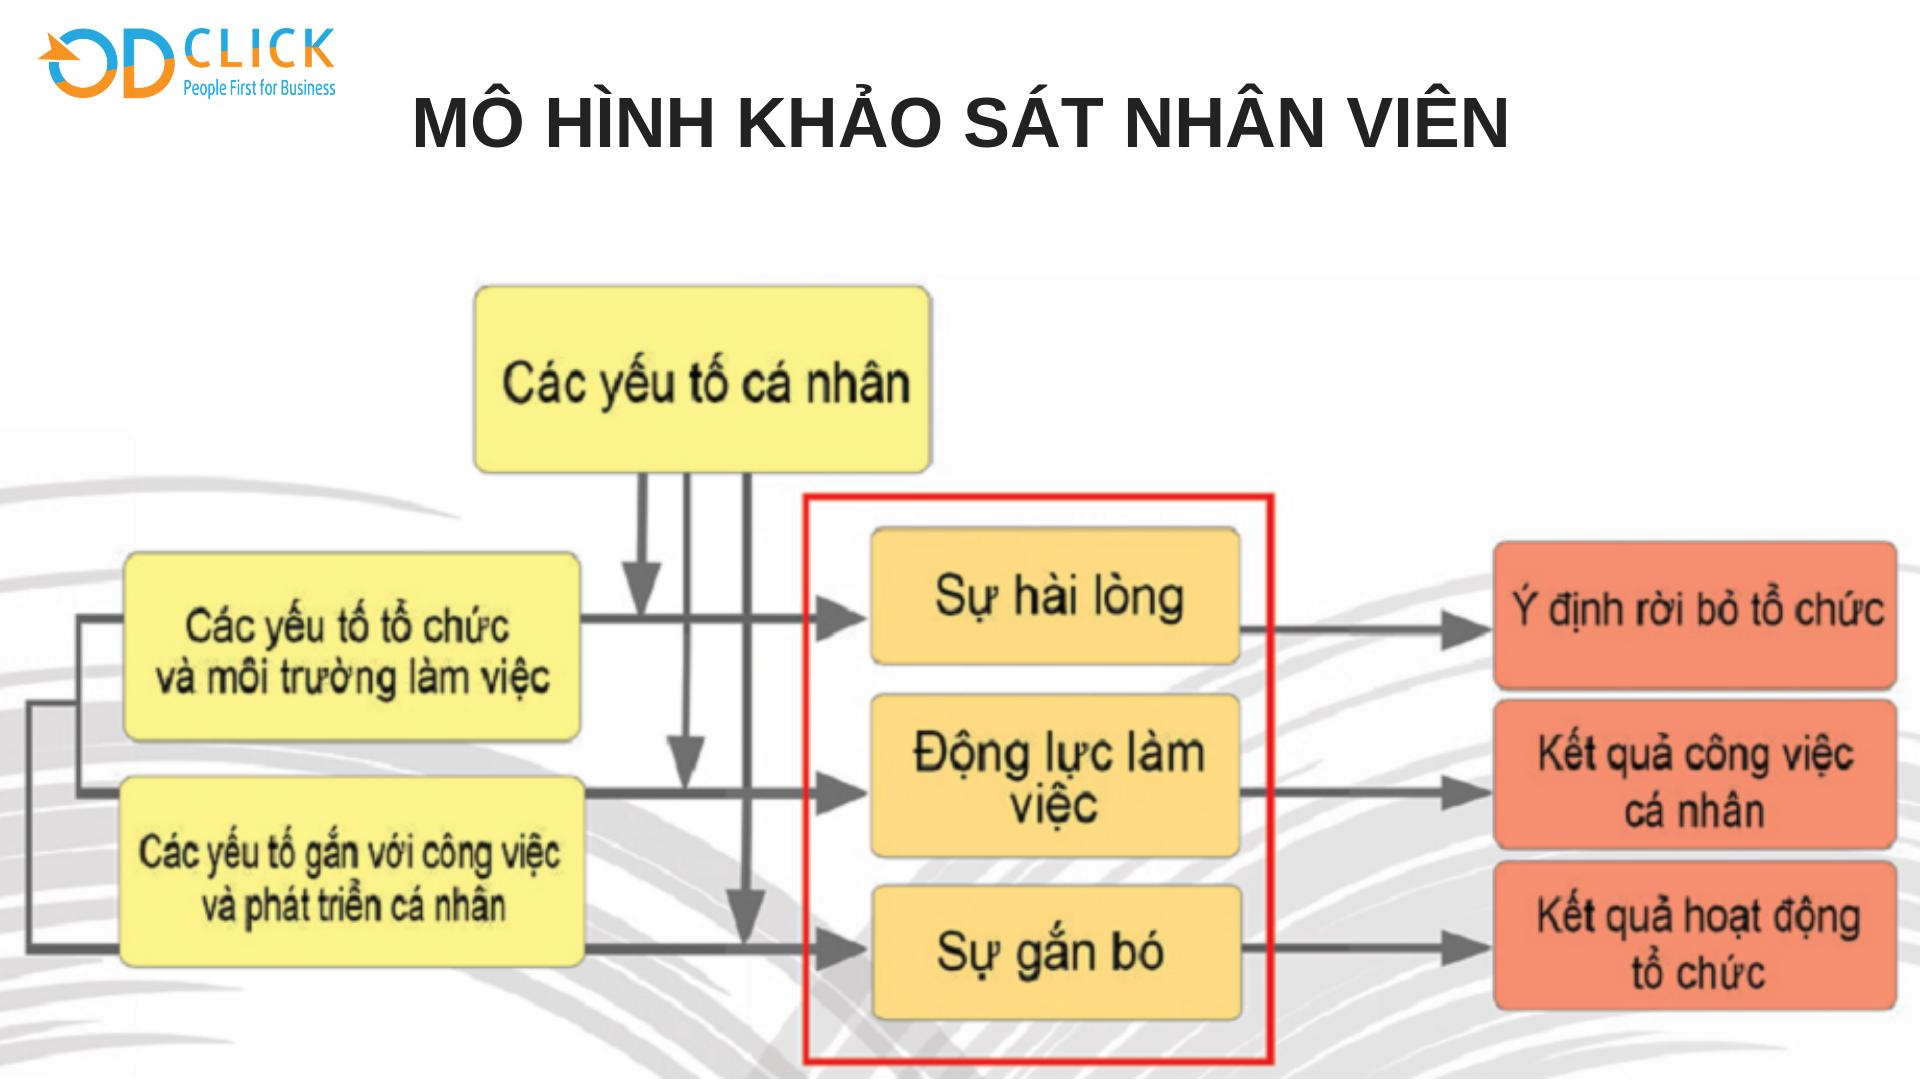 3 BƯỚC KHẢO SÁT VÀ PHÂN TÍCH HIỆU QUẢ - Công ty TNHH Tư vấn Quản lý OD Click